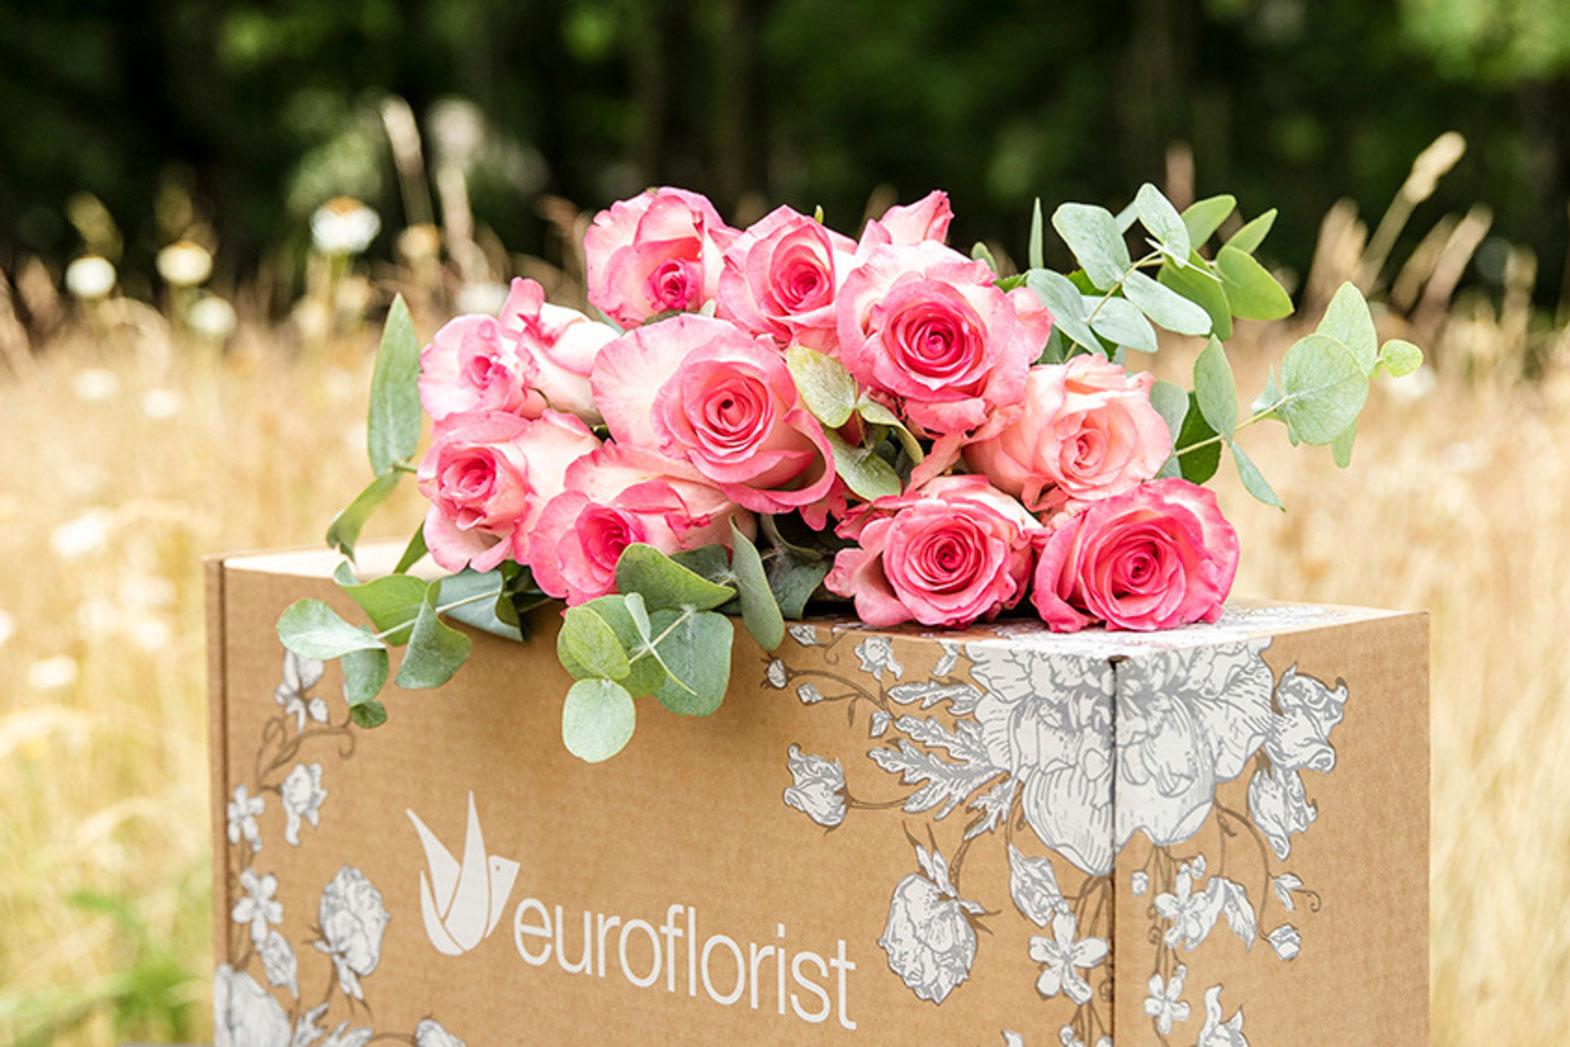 Första blombuden med hållbara rosor är här